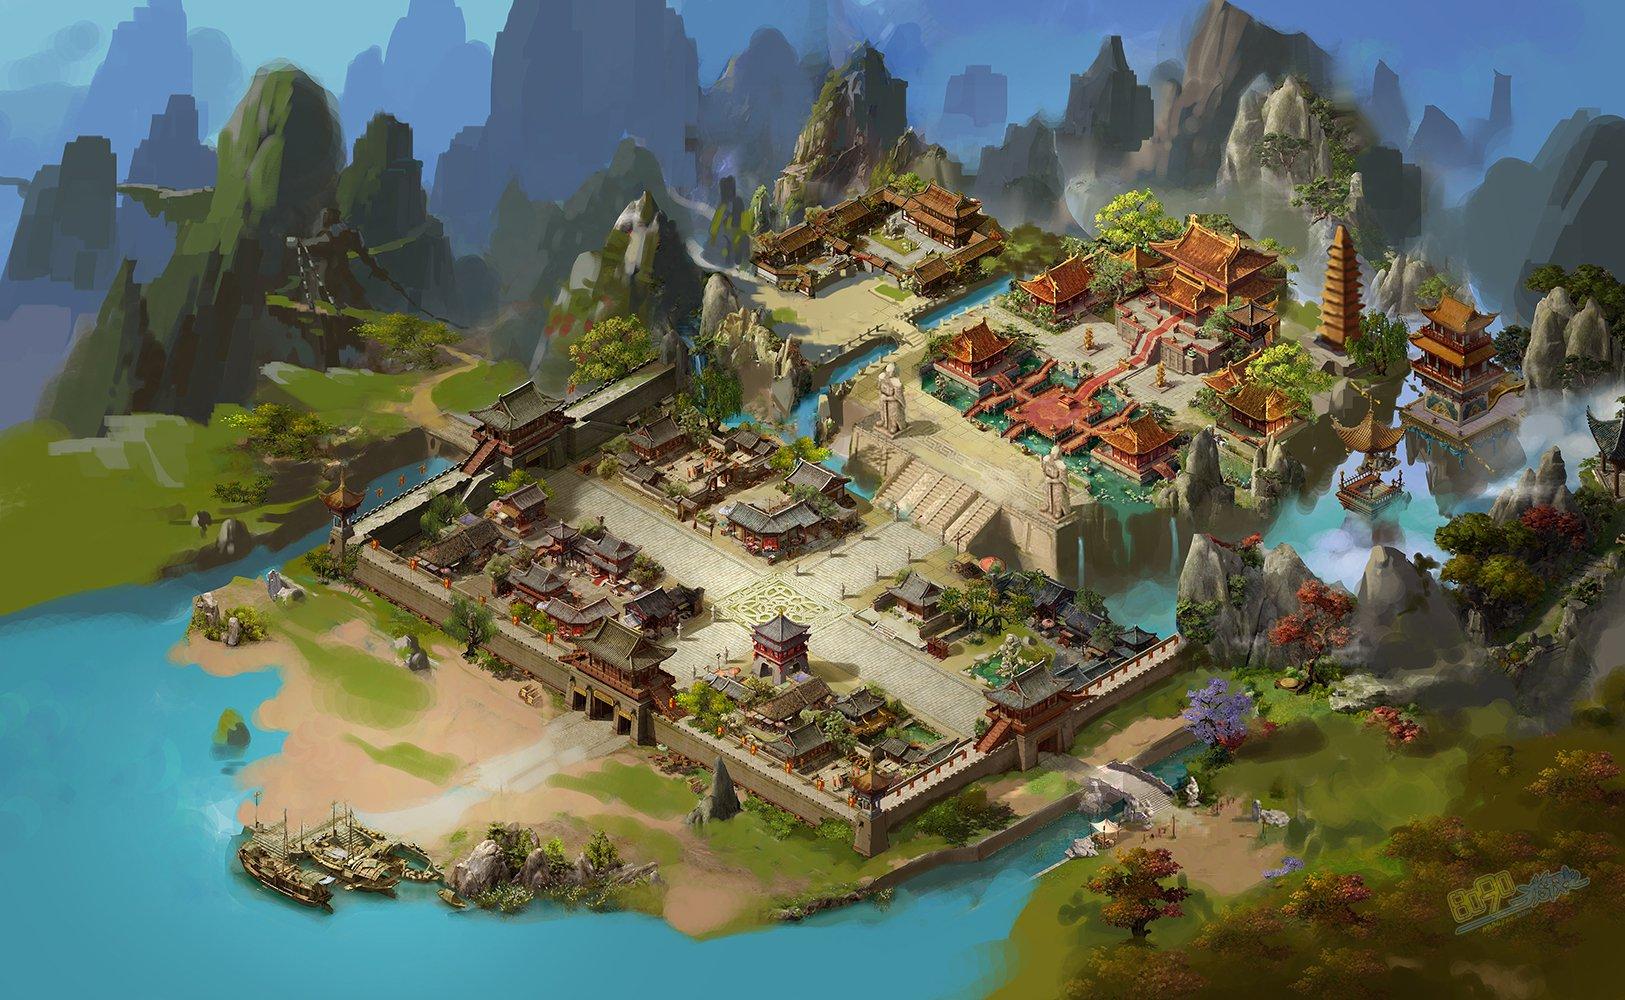 开天战神游戏有什么故事 游戏背景故事详解